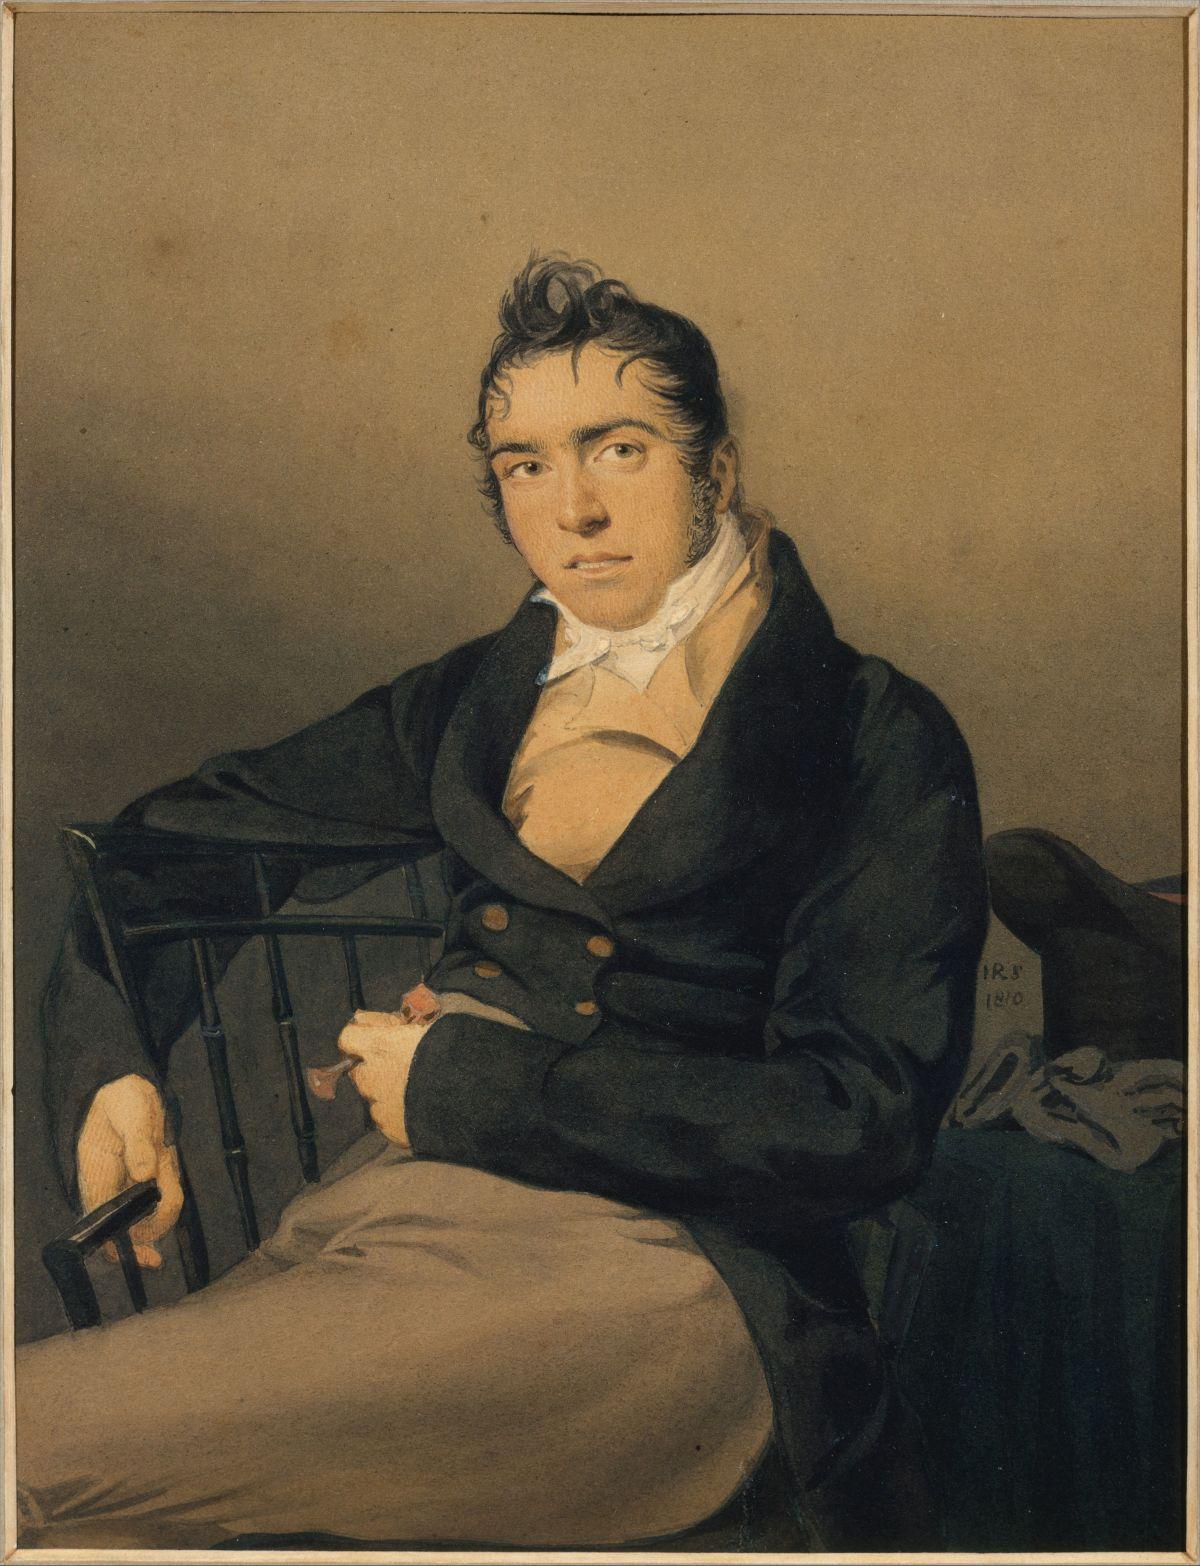 Allan Melville by John Rubens Smith